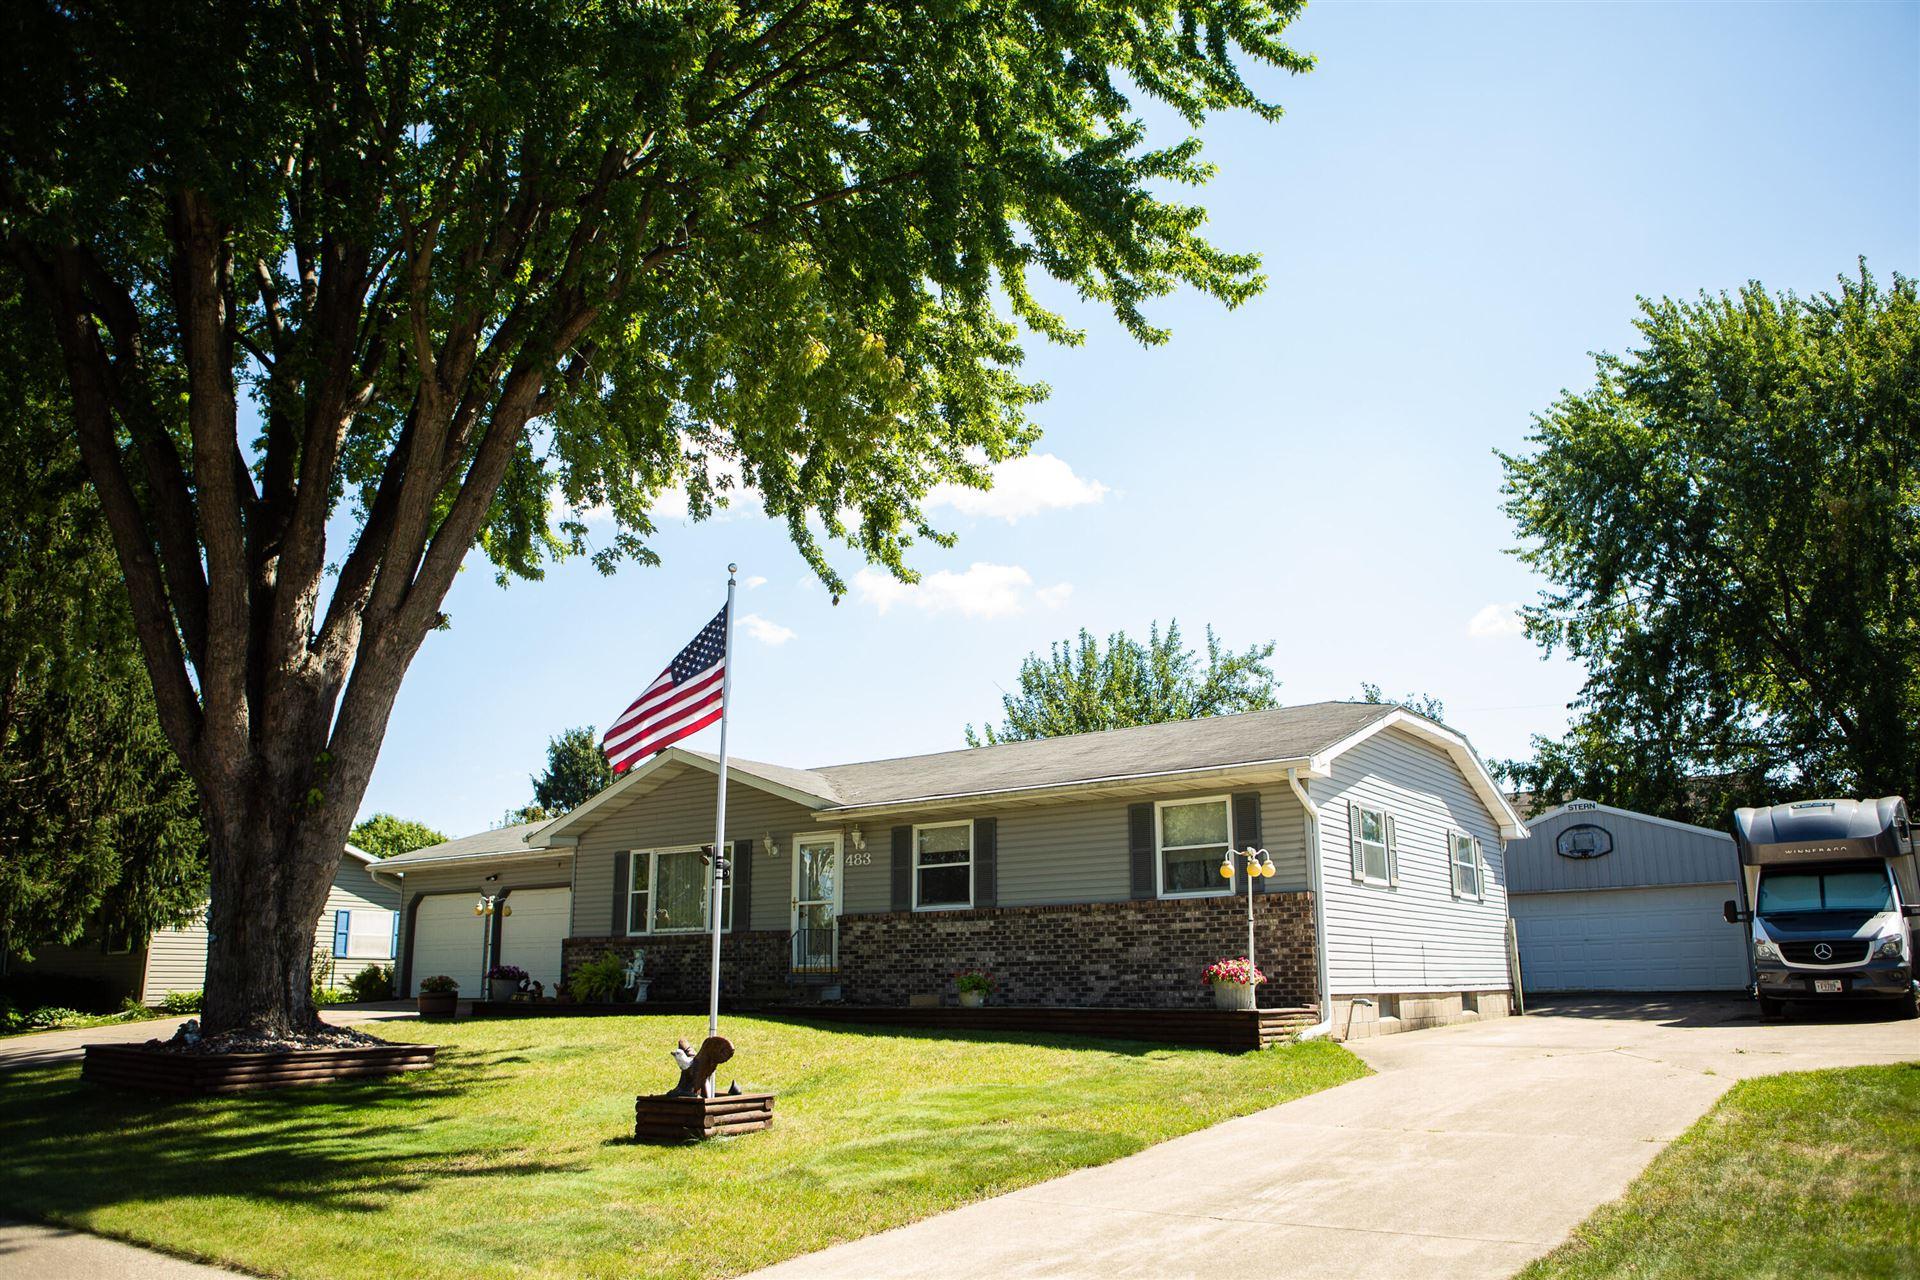 483 Tilson St E, West Salem, WI 54669 - MLS#: 1760944